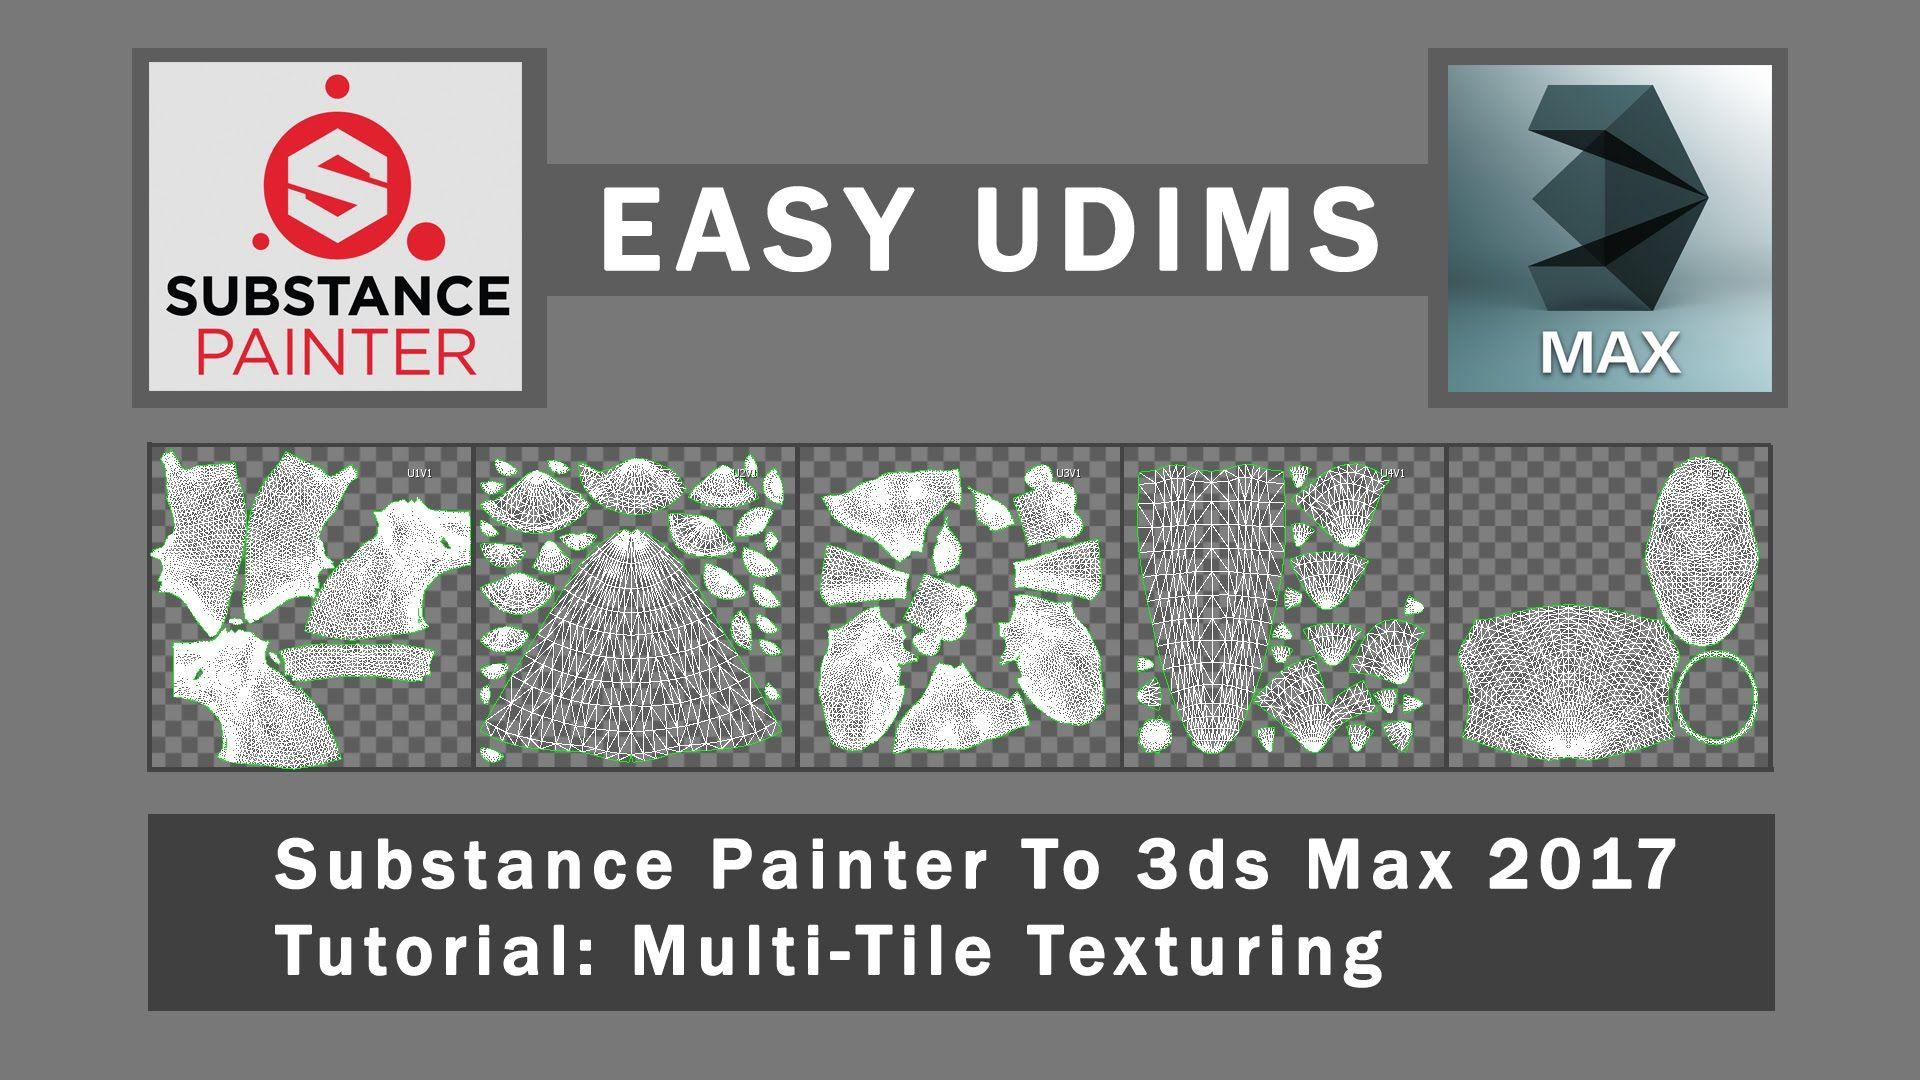 Easy UDIMs - Substance Painter & 3dsMax 2017 Multi tile